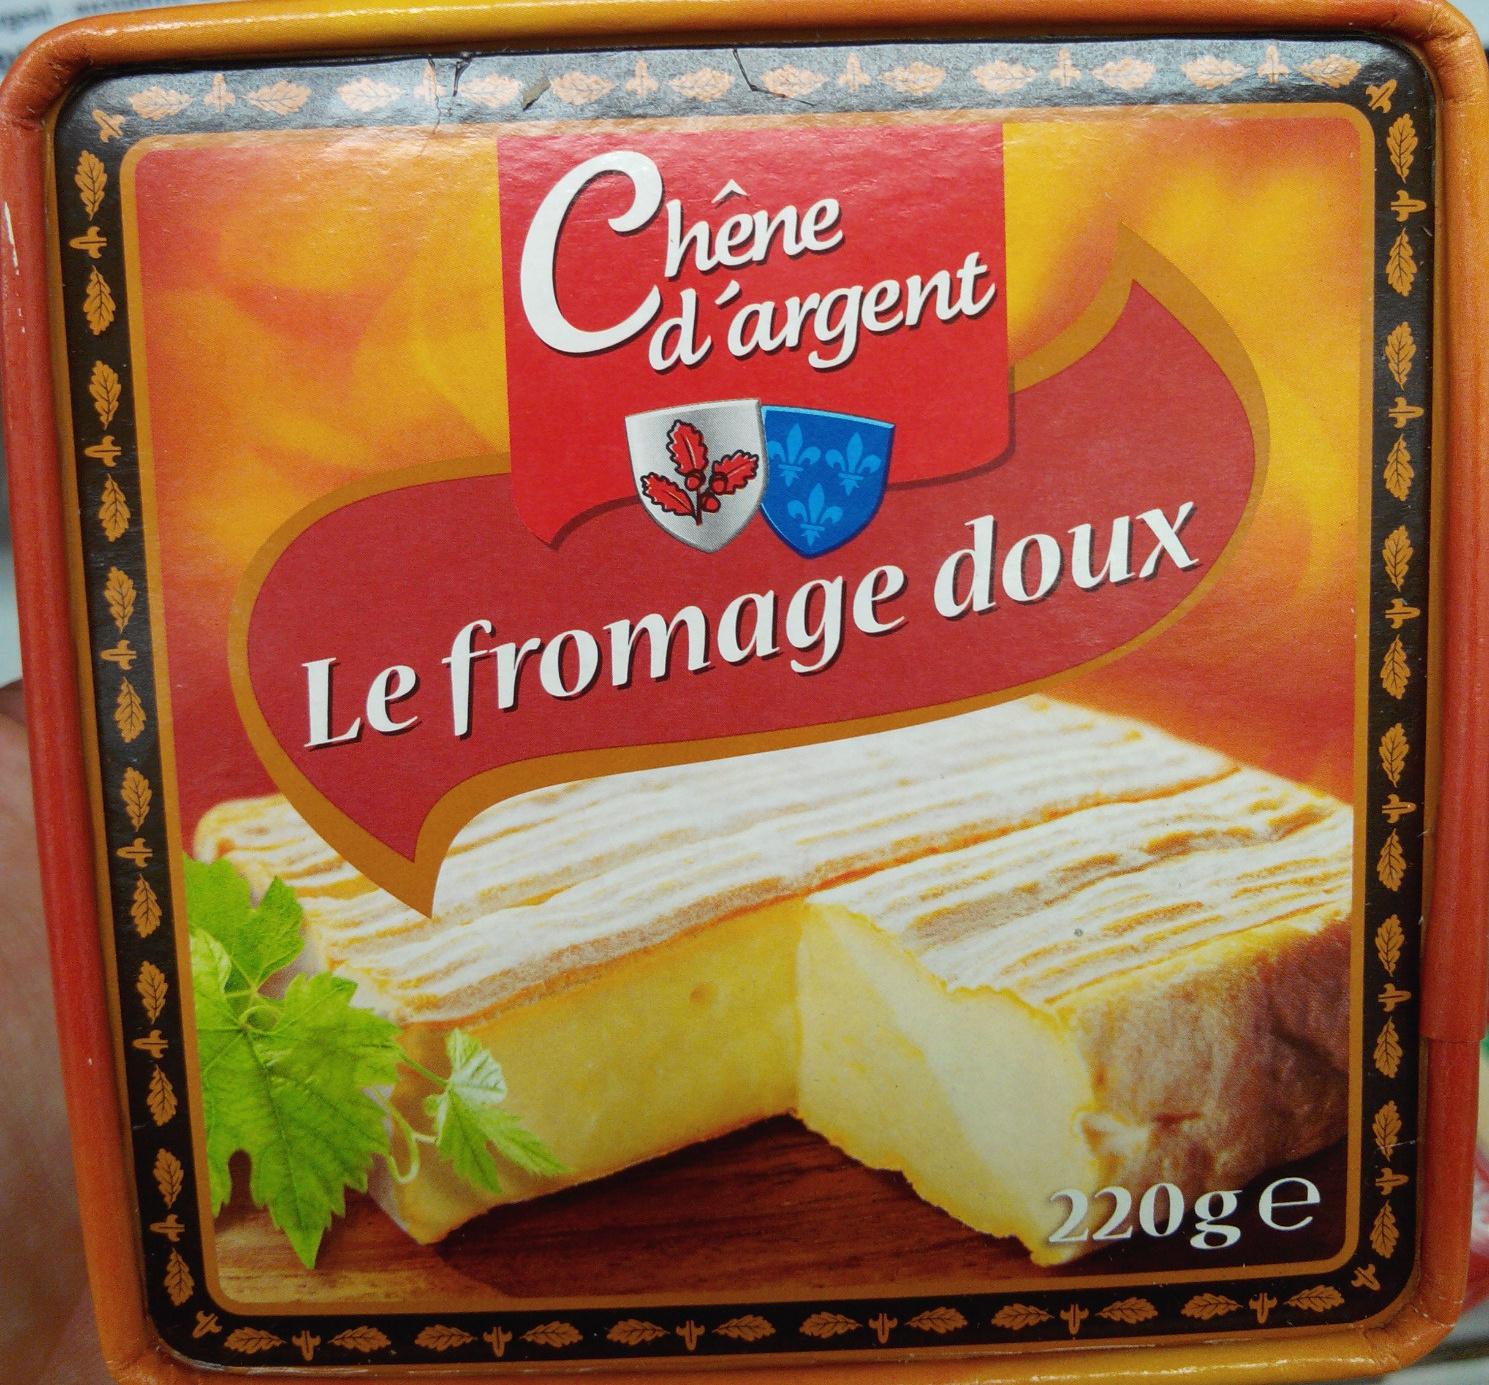 Le fromage doux (27 % MG) - Produit - fr